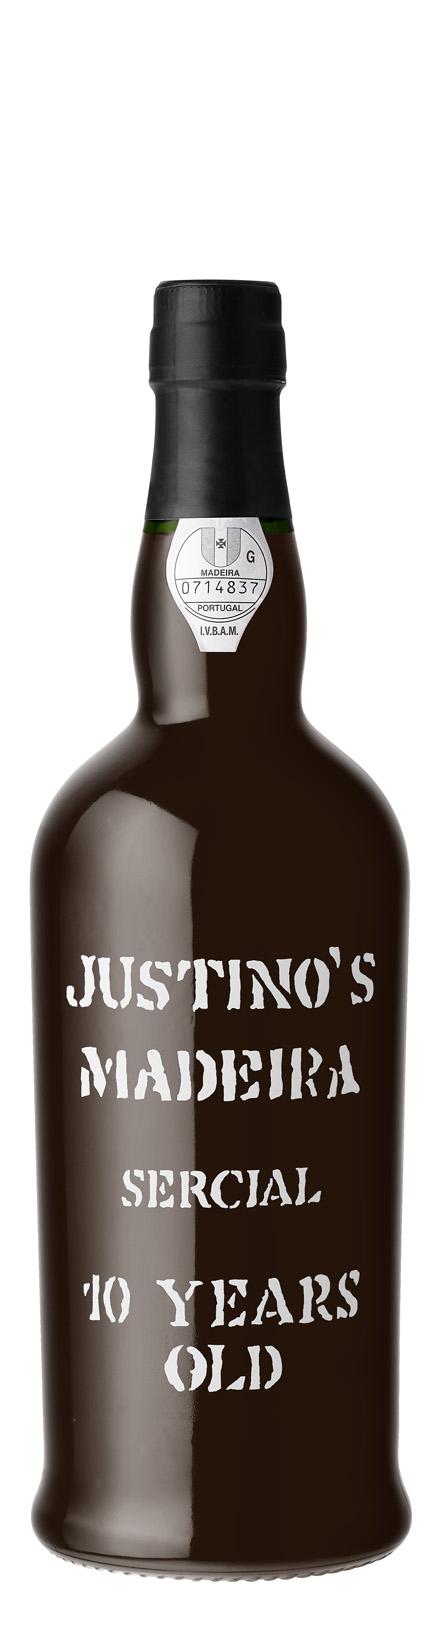 Justino's Madeira, 10 Year Old Sercial NV